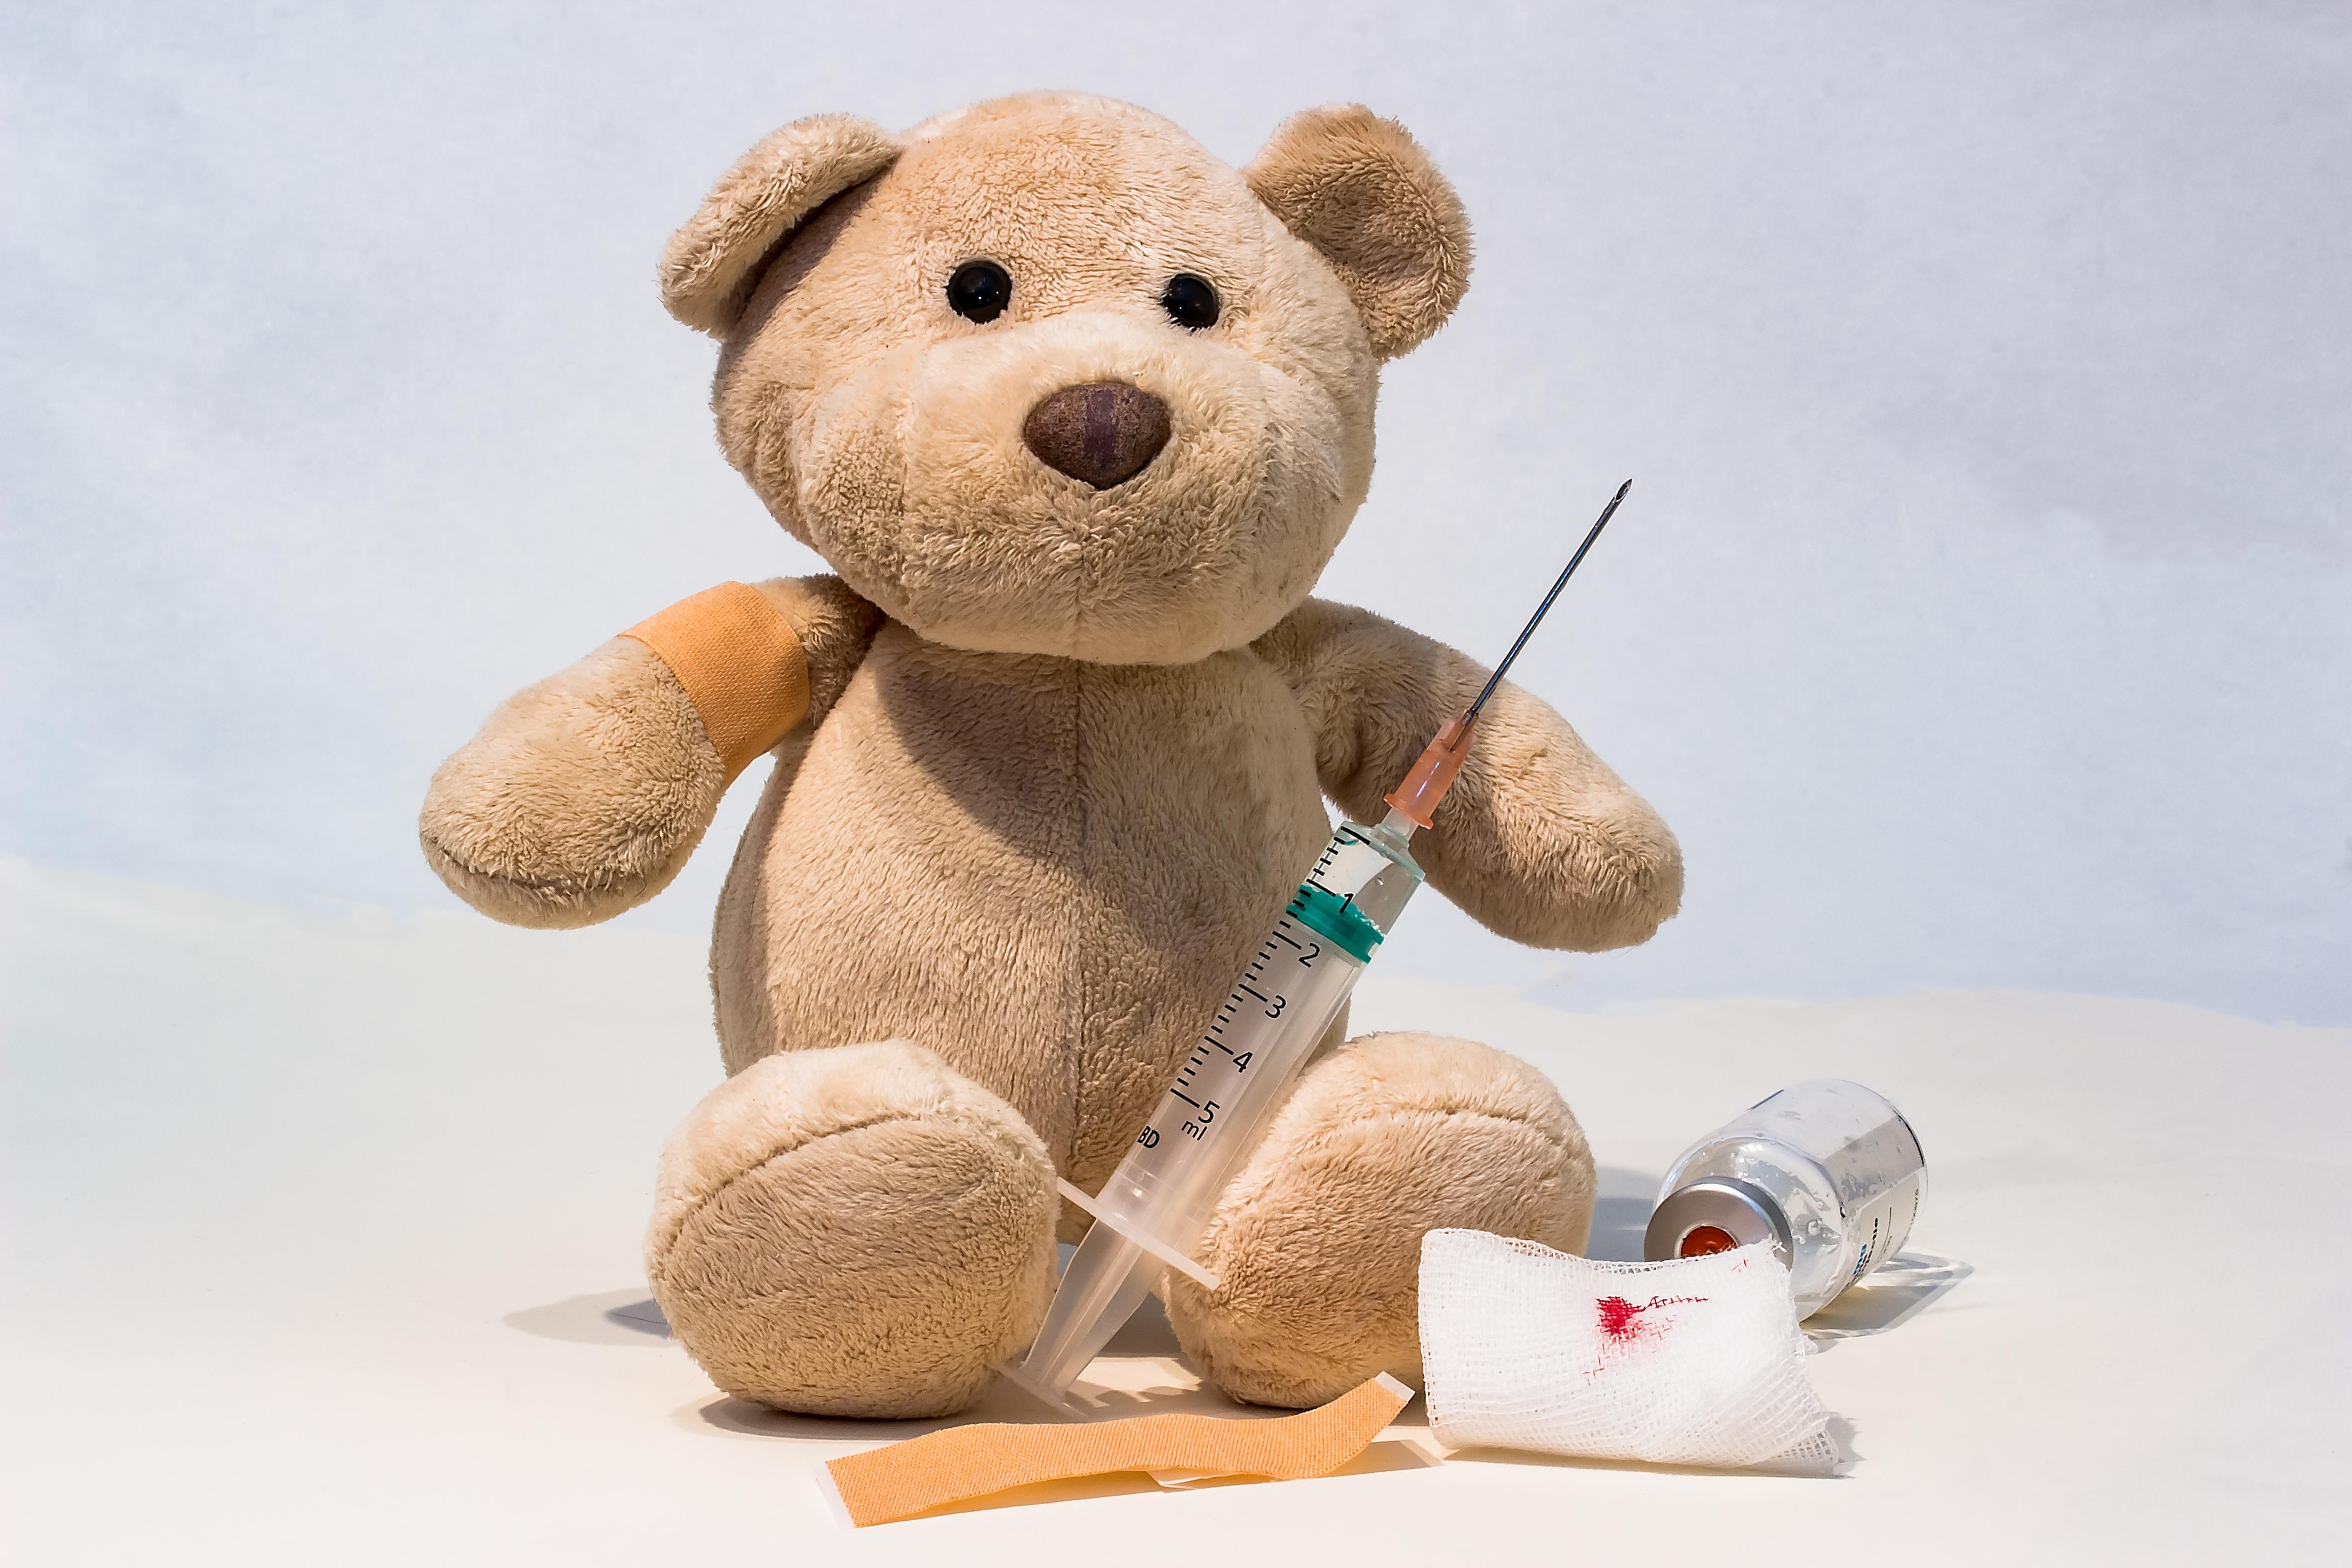 Antyszczepionkowcy sfinansowali badania – ZNAMY PRAWDĘ!!!